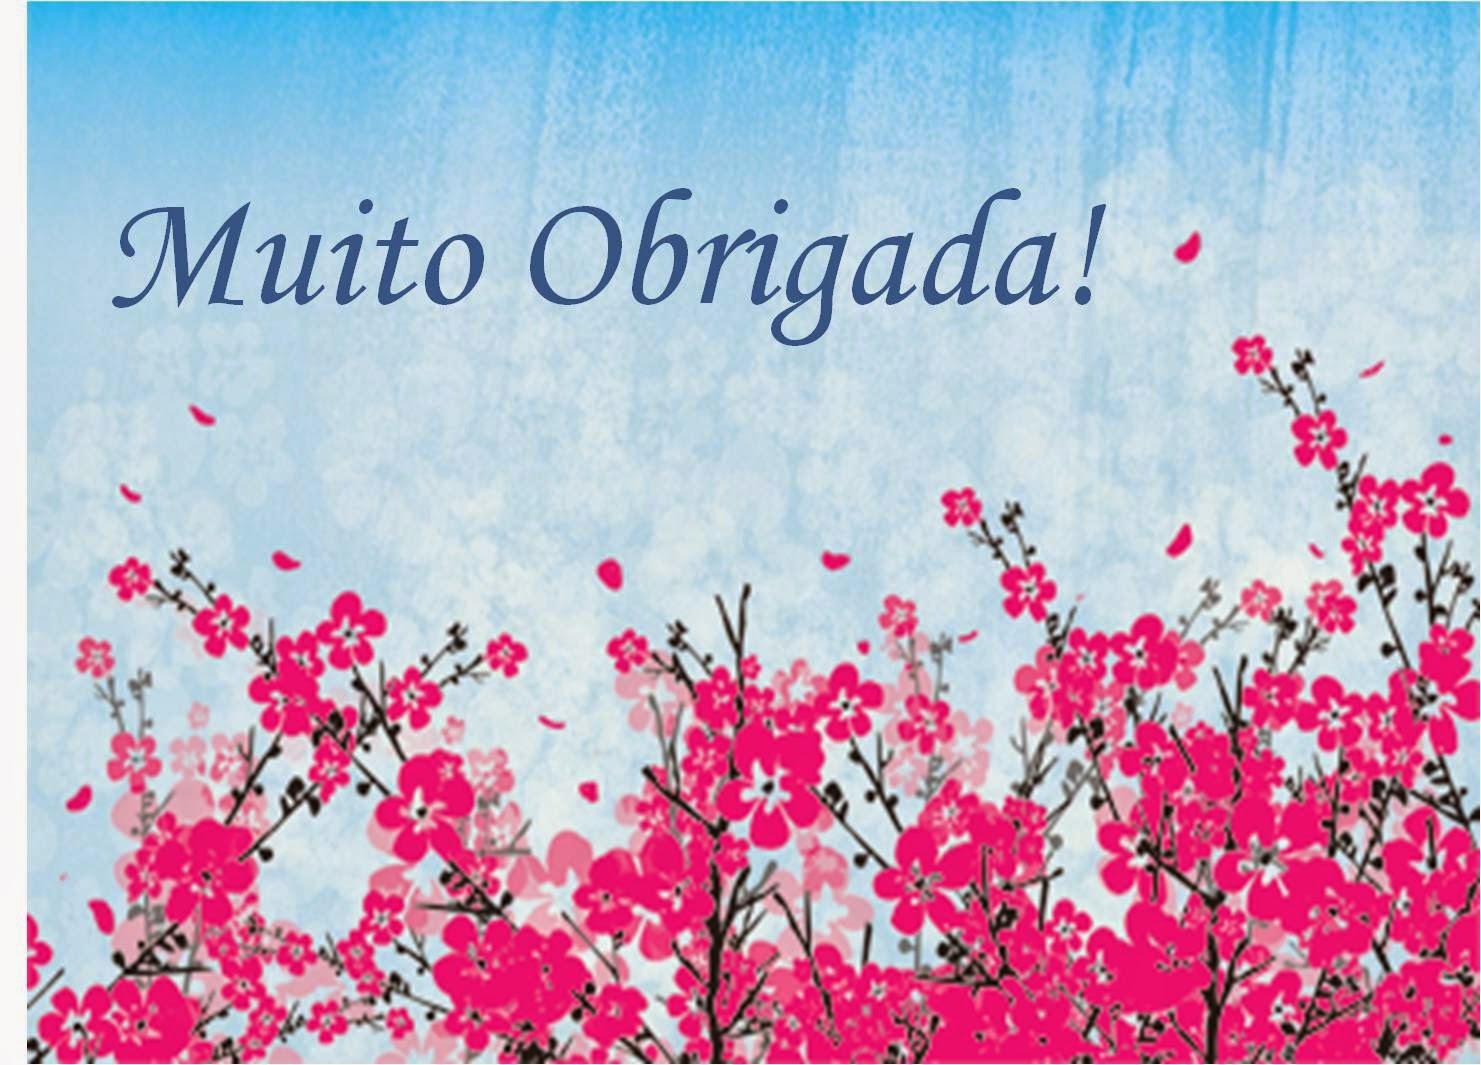 Related Keywords & Suggestions for Muito Obrigada